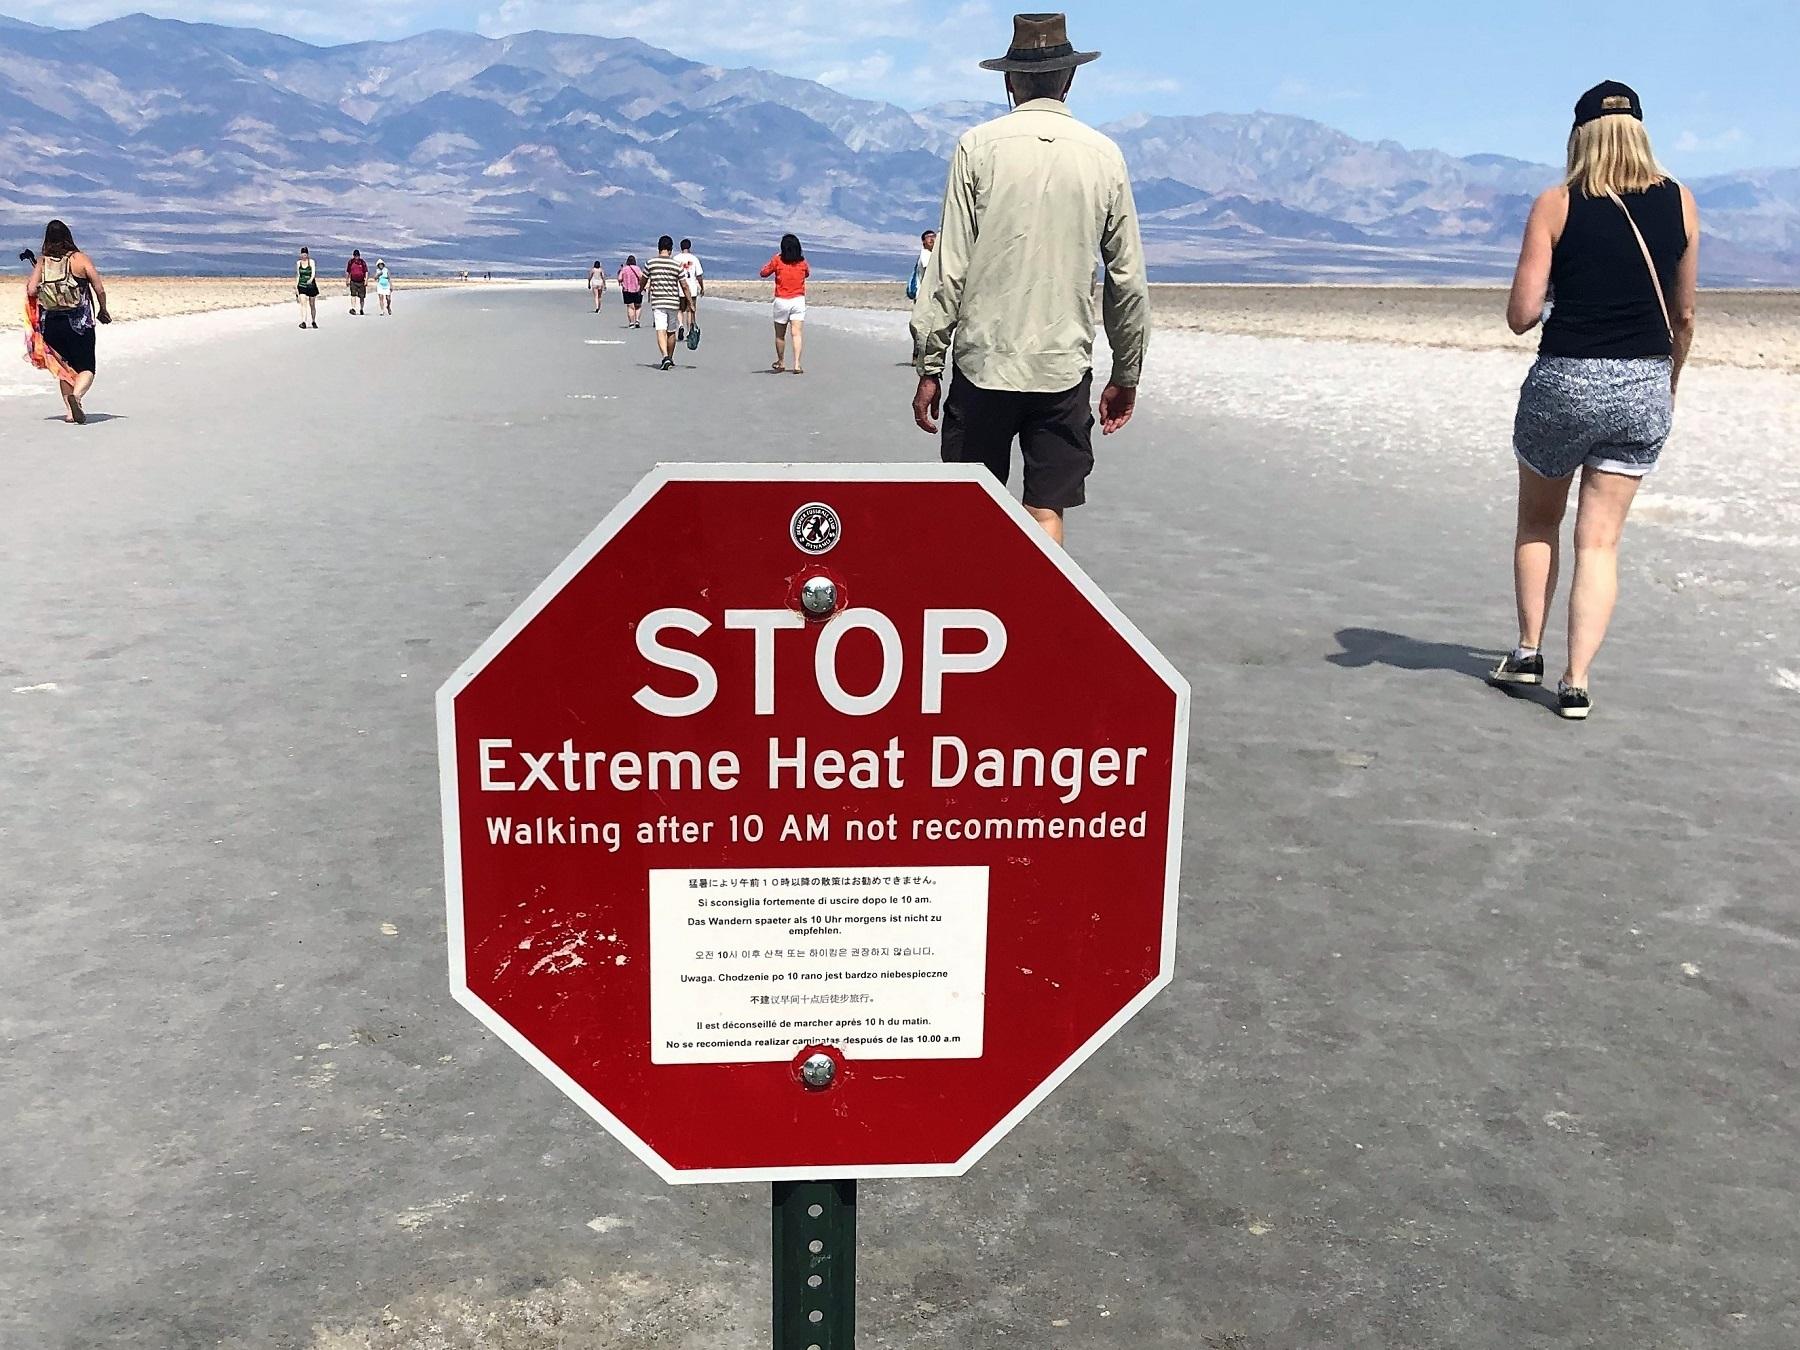 Placa adverte sobre o forte calor numa região que já foi cenário de filme de Michelangelo Antonioni, música do Pink Floyd e capa de álbum do U2. Foto Carla Lencastre